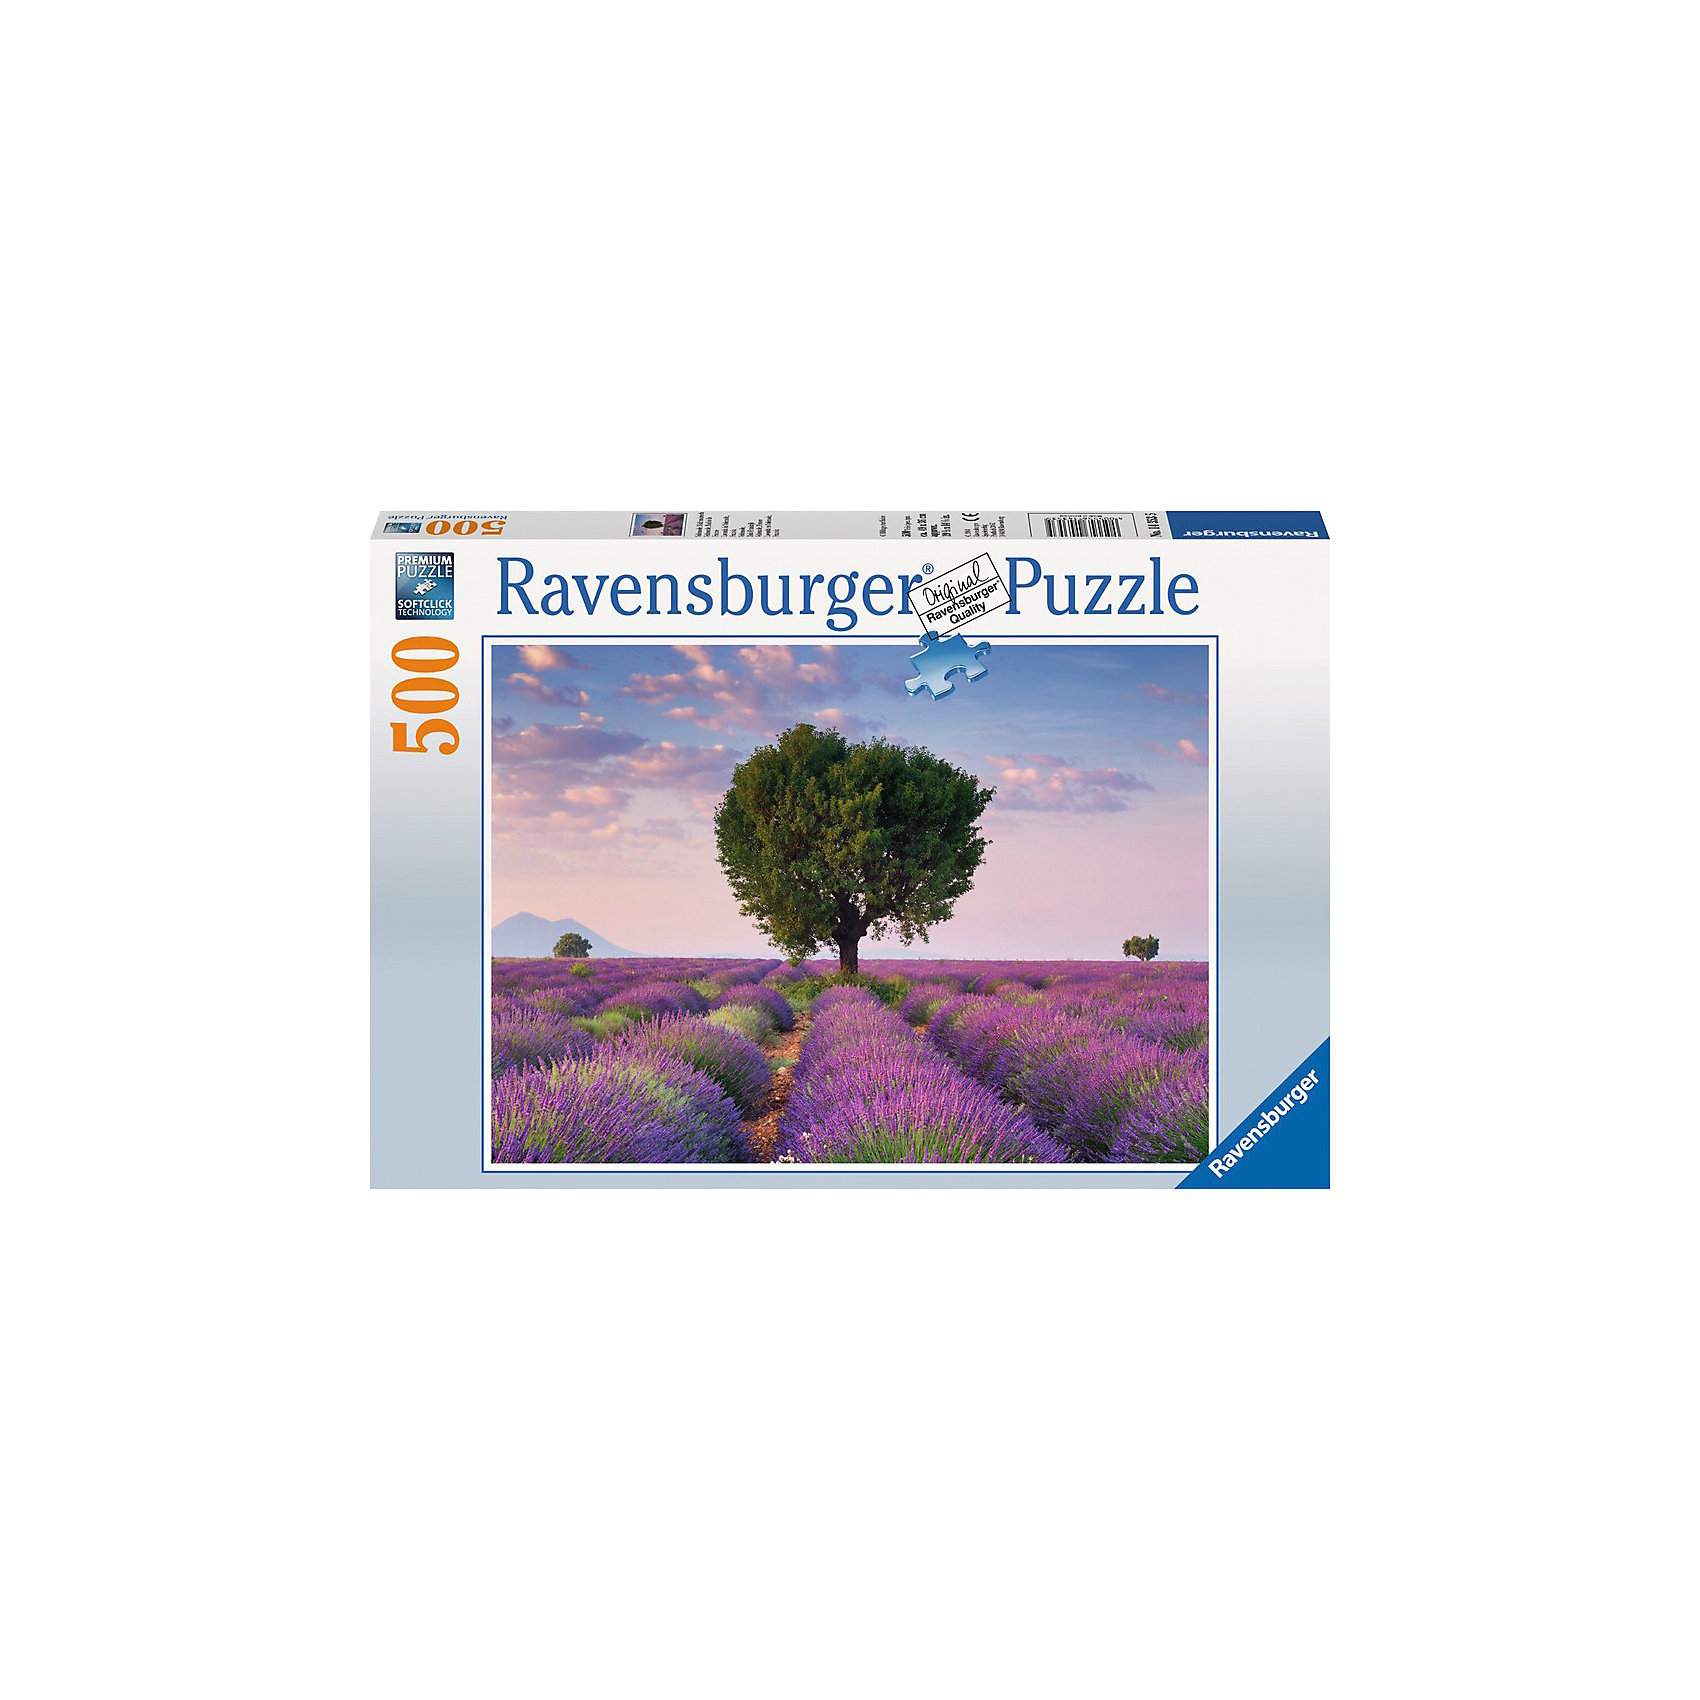 Пазл «Лавандовое поле», 500 деталей, RavensburgerКлассические пазлы<br>Цветущая с июня по август лаванда придает удивительные краски природным ландшафтам Прованса - от дымчато-лиловых до иссиня-фиолетовых, в зависимости от погодных условий и поры цветения. С пазлом Лавандовое поле от Ravensburger (Равенсбургер) Вы можете привнести умиротворяющую частичку цветущих полей в своей дом! Пазл настолько яркий и реалистичный, что собирая его, Вы можете почувствовать нежный аромат лаванды. Вас порадует, что плотный картон, из которого состоит пазл не мнется во время сборки, яркая картинка защищена от расслаивания, благодаря чему такой пазл способен служить долгое время. Украсьте свой интерьер чудным пейзажем, просто вставив законченный пазл в рамку. Пазл «Лавандовое поле» от Ravensburger (Равенсбургер) - это полезное и увлекательное занятие для всей семьи!<br> <br>Дополнительная информация:<br><br>- Развивает моторику и внимание;<br>- Прекрасный подарок;<br>- Матовая поверхность исключает отблески;<br>- Очень качественные элементы не расслаиваются;<br>- Материал: картон;<br>- Размер готовой картинки: 49 х 36 см;<br>- Размер упаковки: 34 х 23 х 4 см;<br>- Вес: 540 г<br><br>Пазл «Лавандовое поле» 500 деталей, Ravensburger (Равенсбургер) можно купить в нашем интернет-магазине.<br><br>Ширина мм: 338<br>Глубина мм: 233<br>Высота мм: 39<br>Вес г: 512<br>Возраст от месяцев: 144<br>Возраст до месяцев: 228<br>Пол: Унисекс<br>Возраст: Детский<br>Количество деталей: 500<br>SKU: 3412929